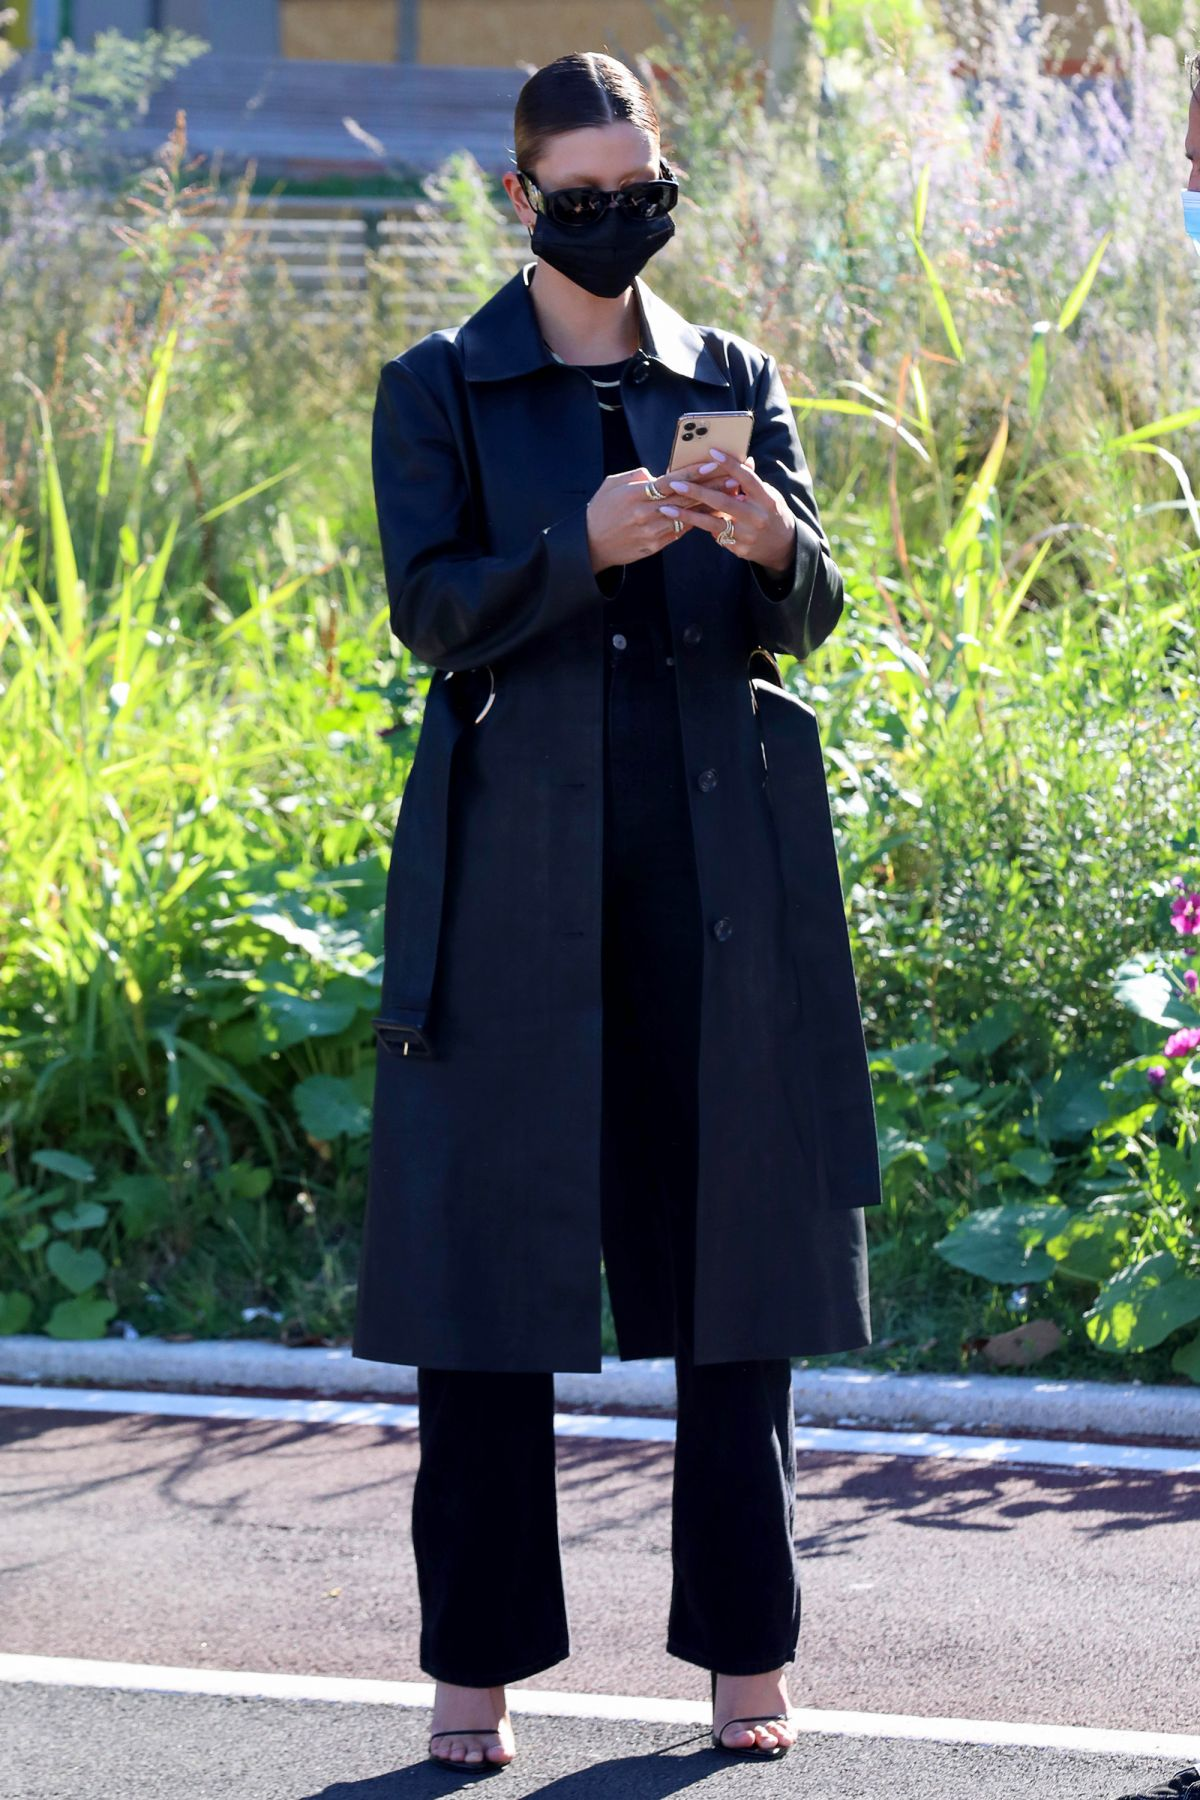 hailey-bieber-in-versace-coat-snaps-selfie-with-her-giant-billboard-in-milan